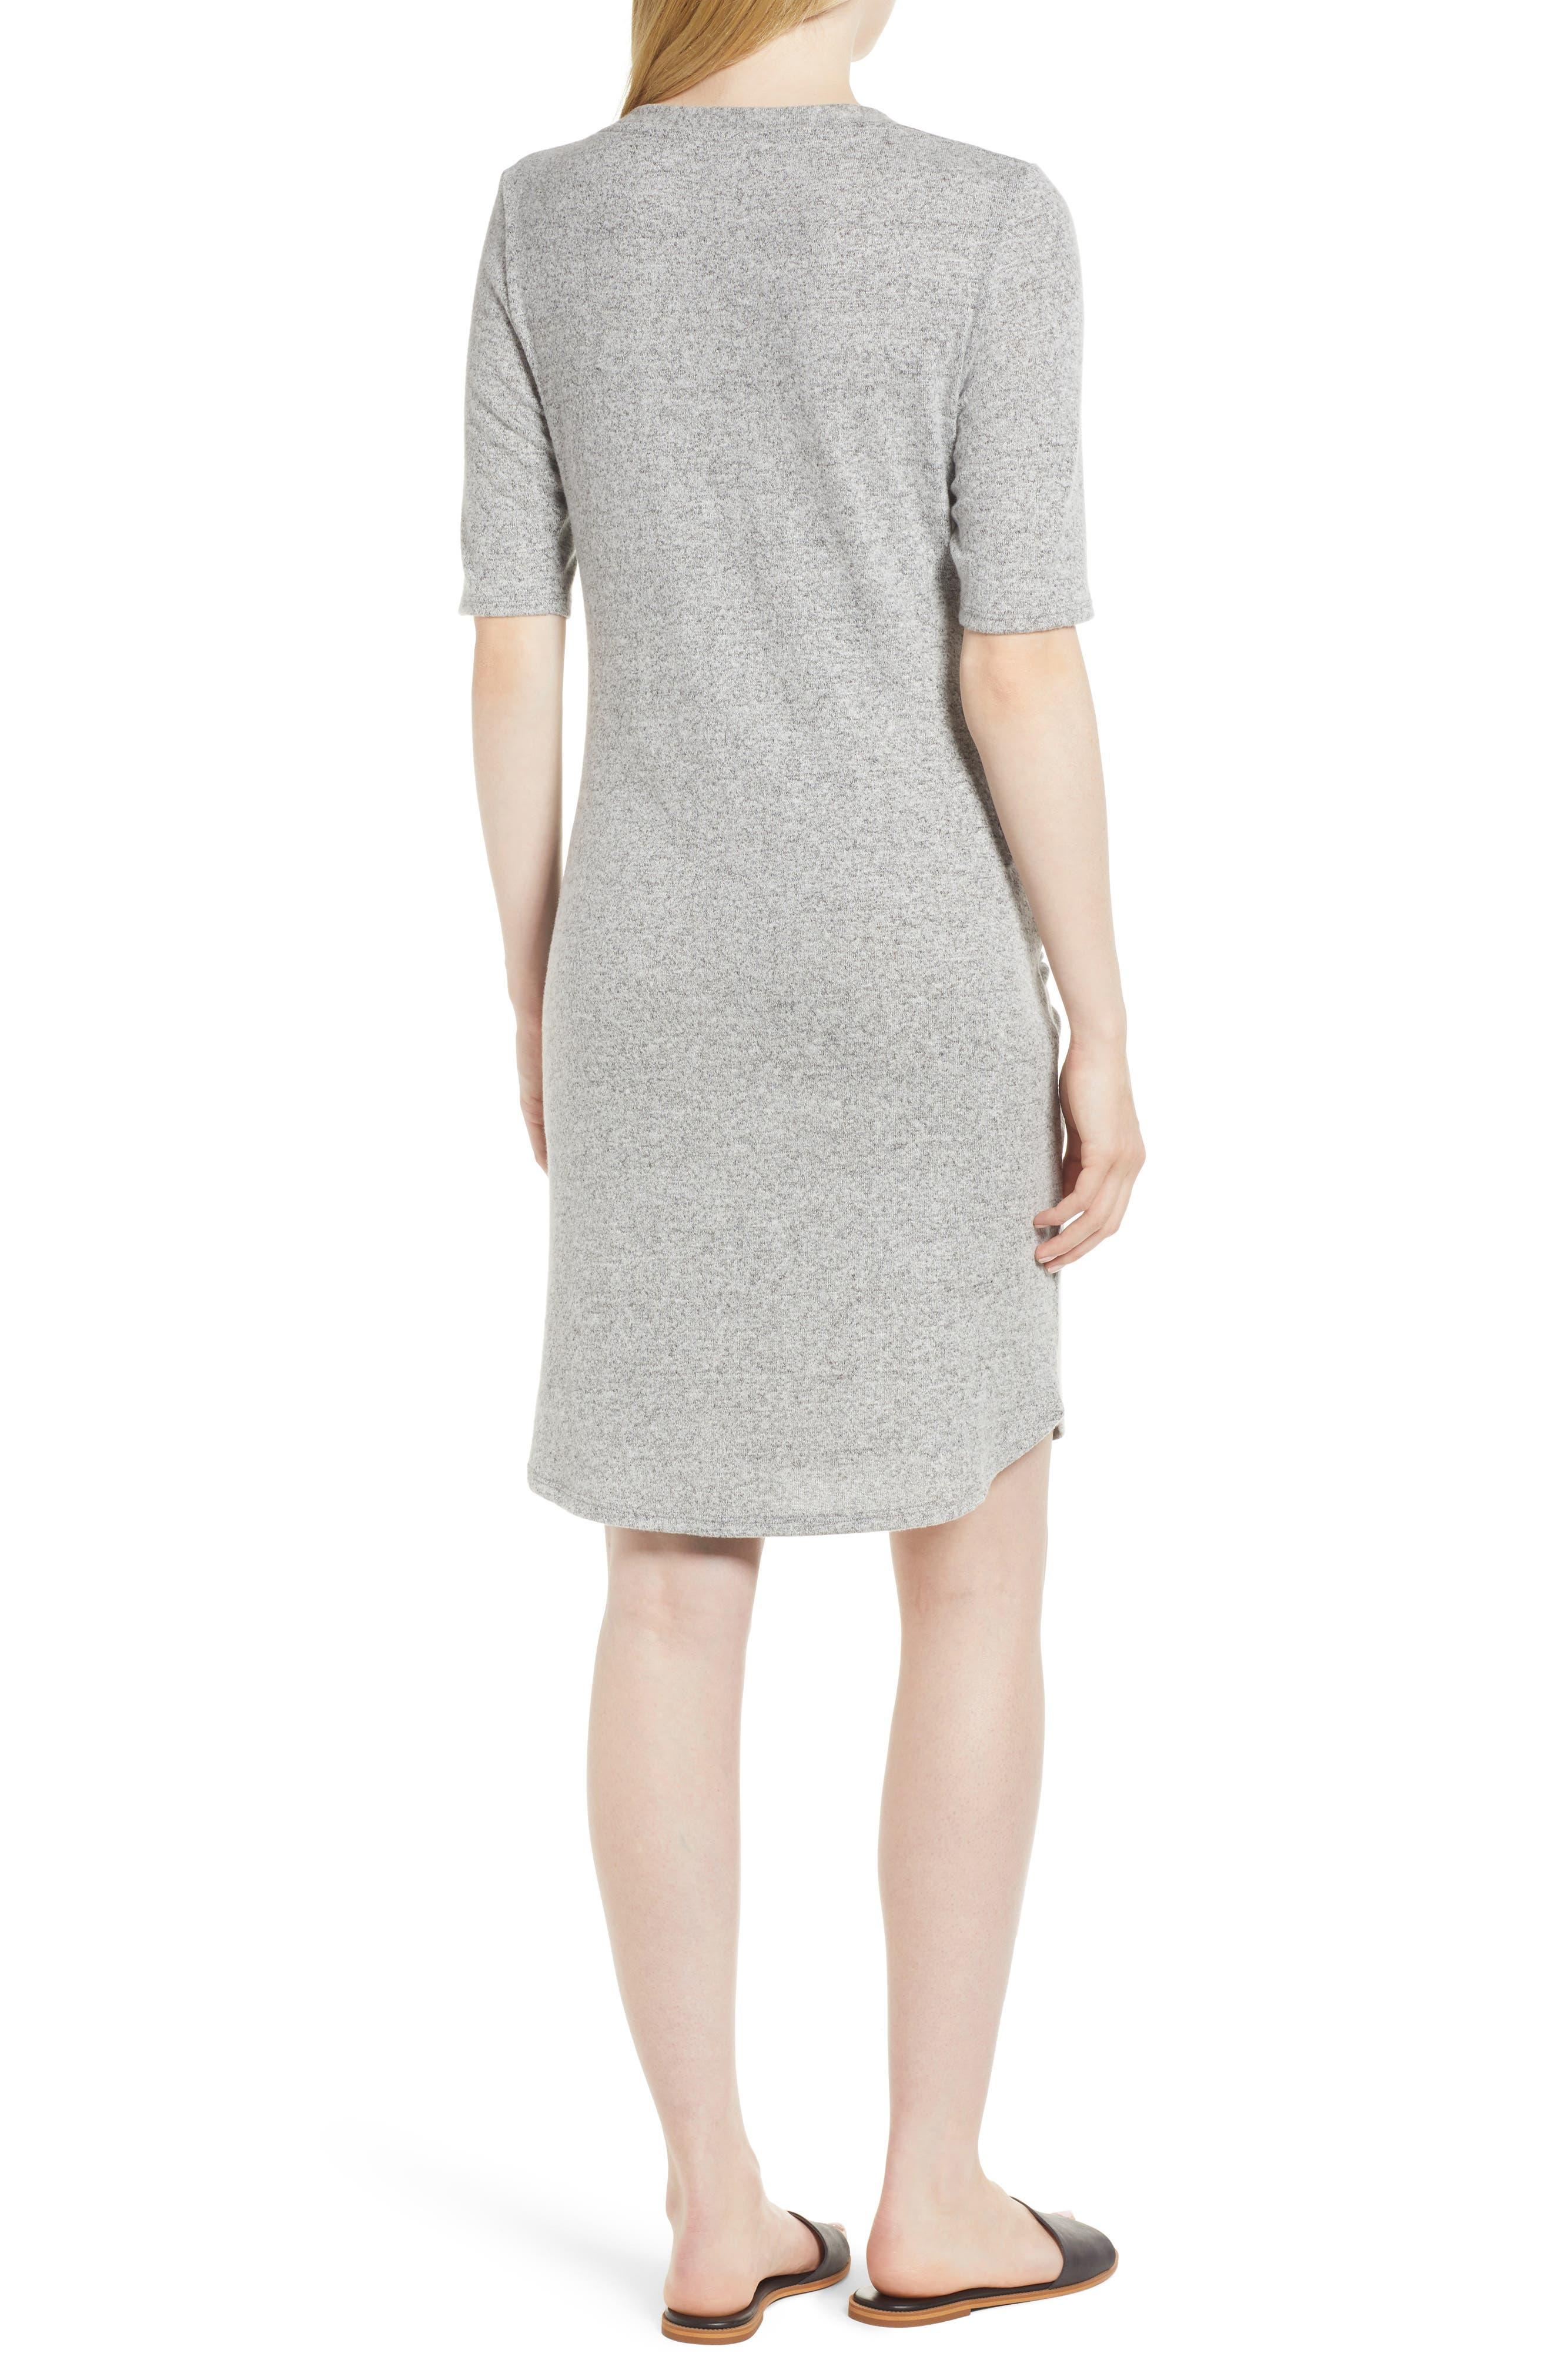 Caslon Off-Duty Tie Front Knit Dress,                             Alternate thumbnail 5, color,